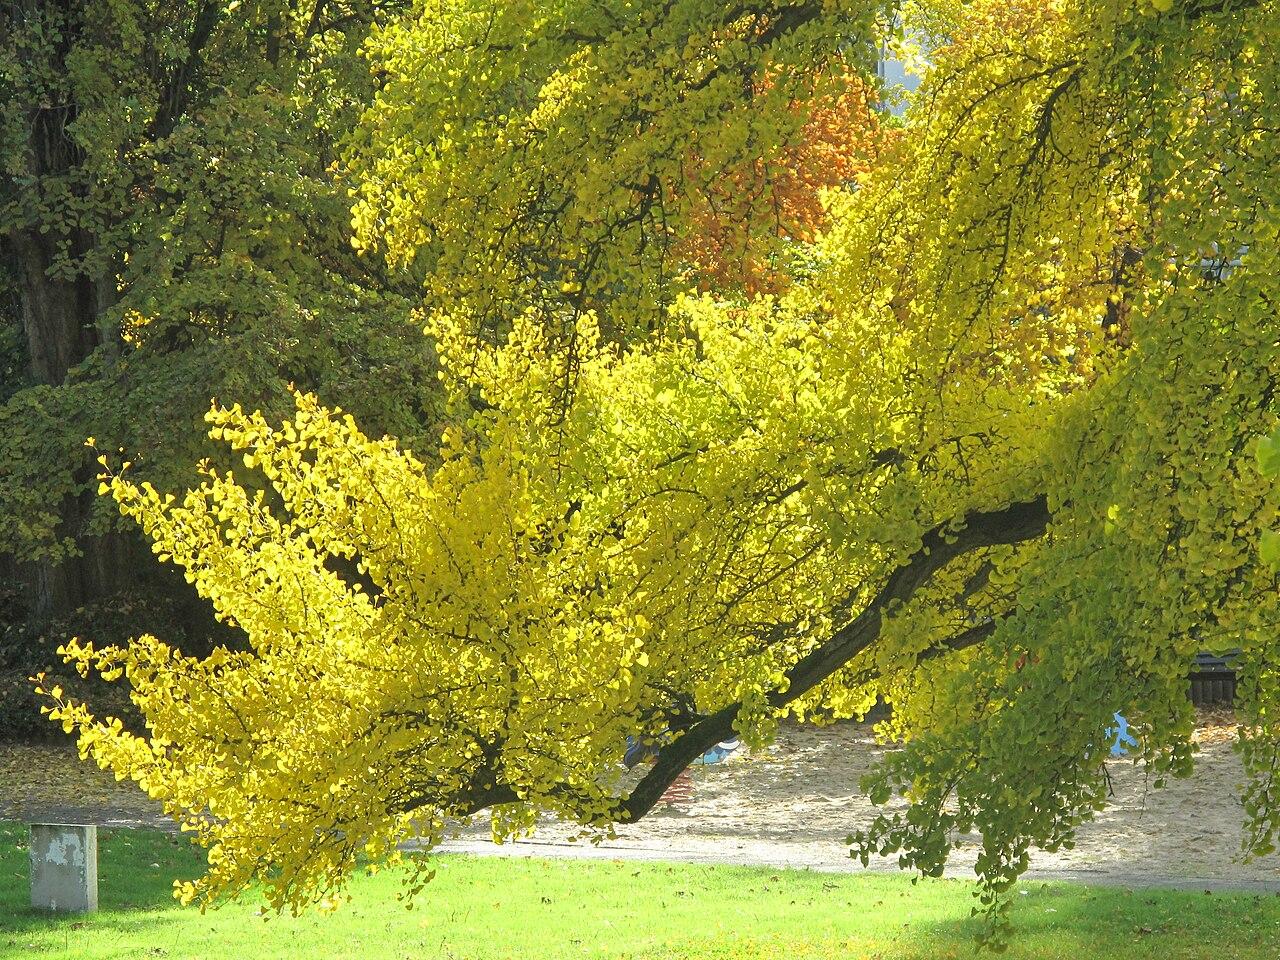 Ramas de Ginkgo biloba, en el parque Aulnay, Vaires-sur-Marne (Francia). /Imagen: Wikipedia.